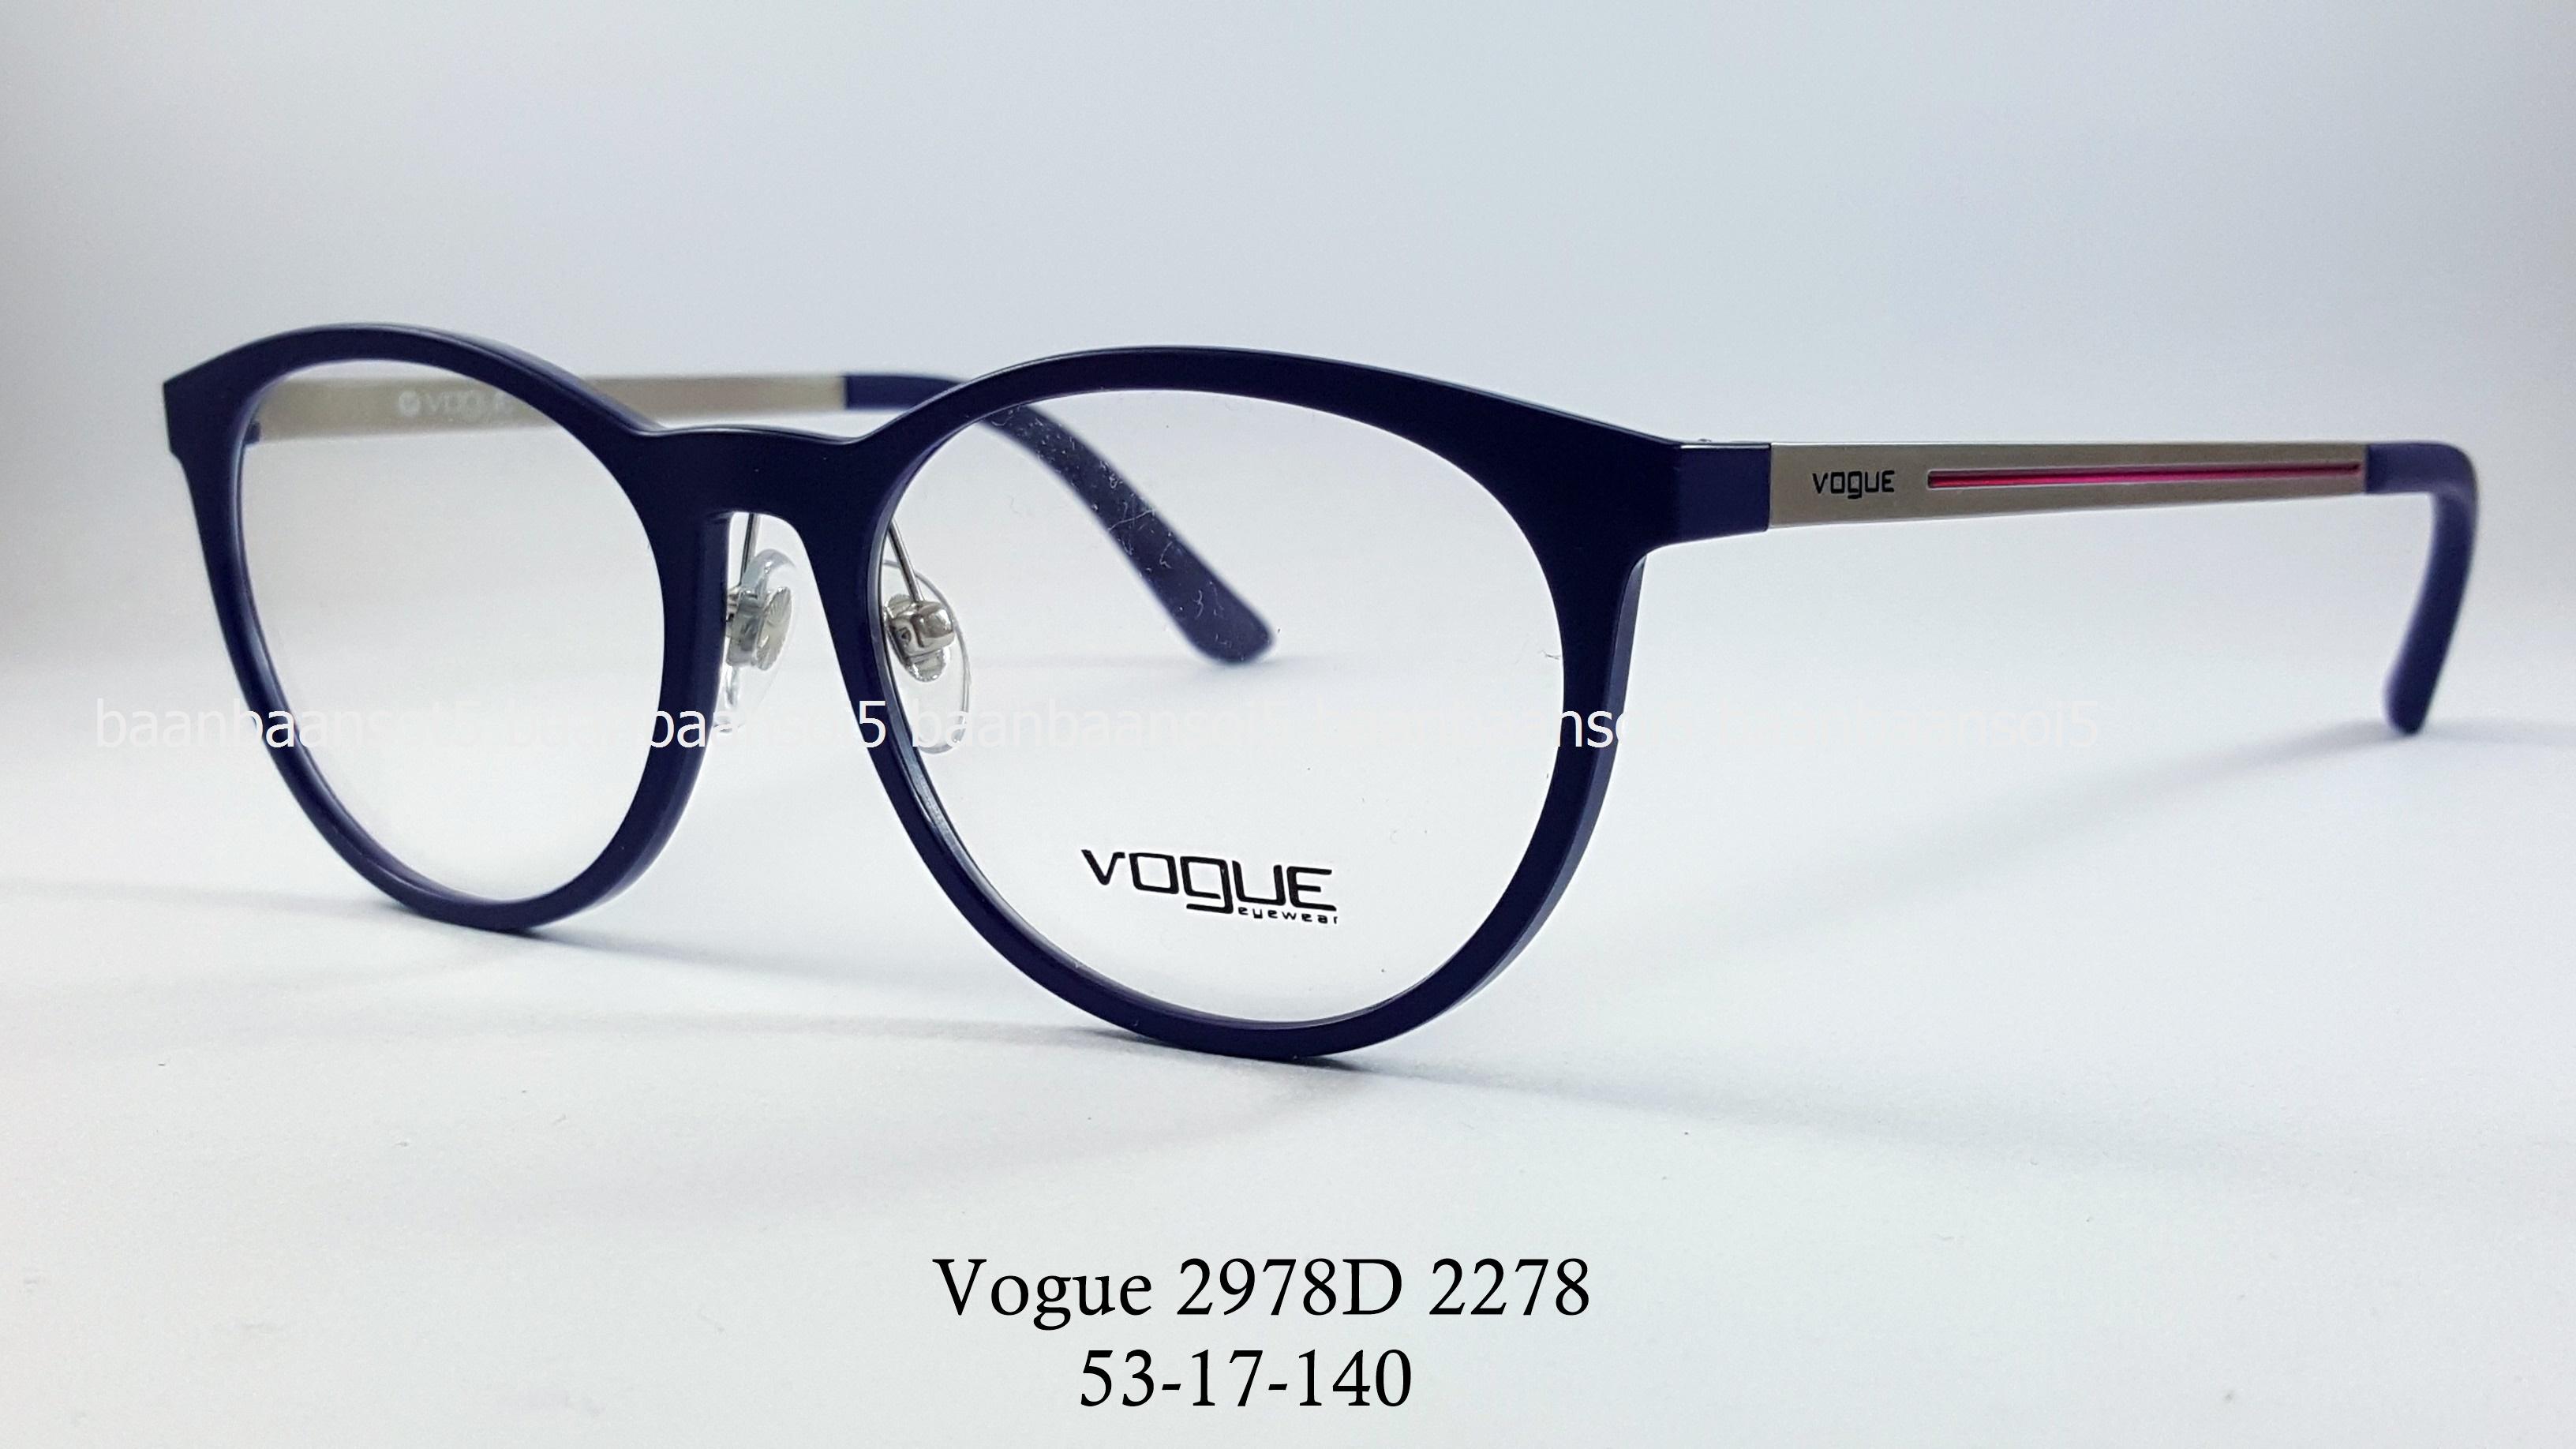 Vogue vo 2979D 2278 โปรโมชั่น กรอบแว่นตาพร้อมเลนส์ HOYA ราคา 2,200 บาท